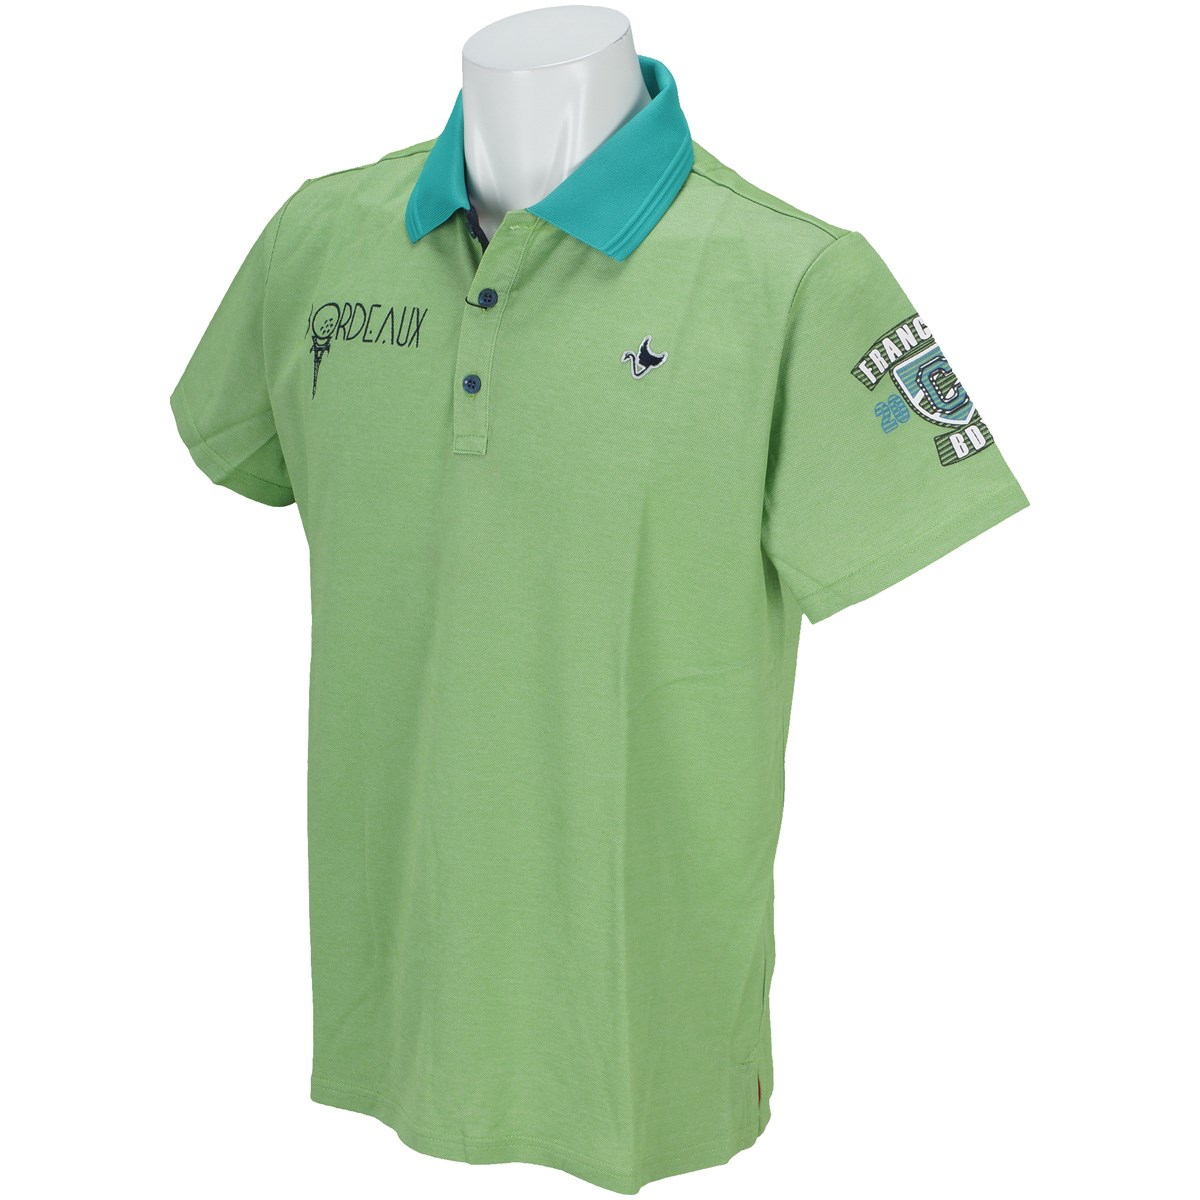 クランク(Clunk) ボルドーアイコン半袖ポロシャツ